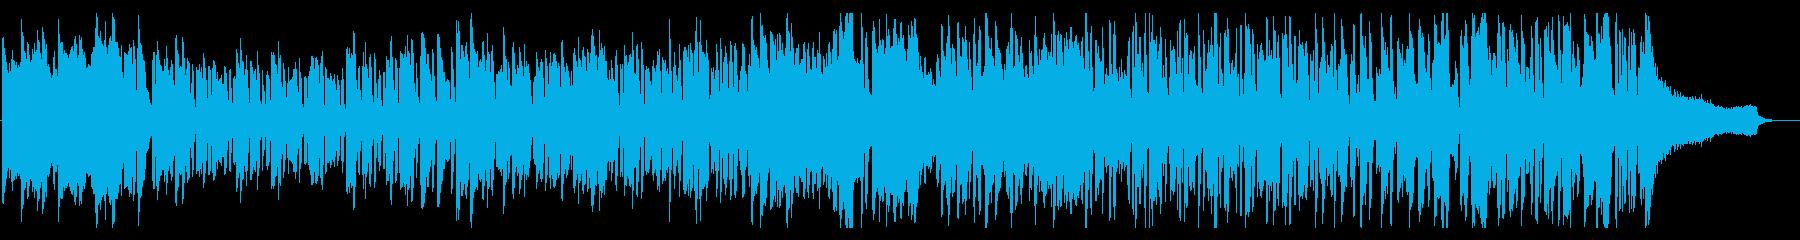 ラテンリズムに大人っぽい雰囲気のピアノ曲の再生済みの波形